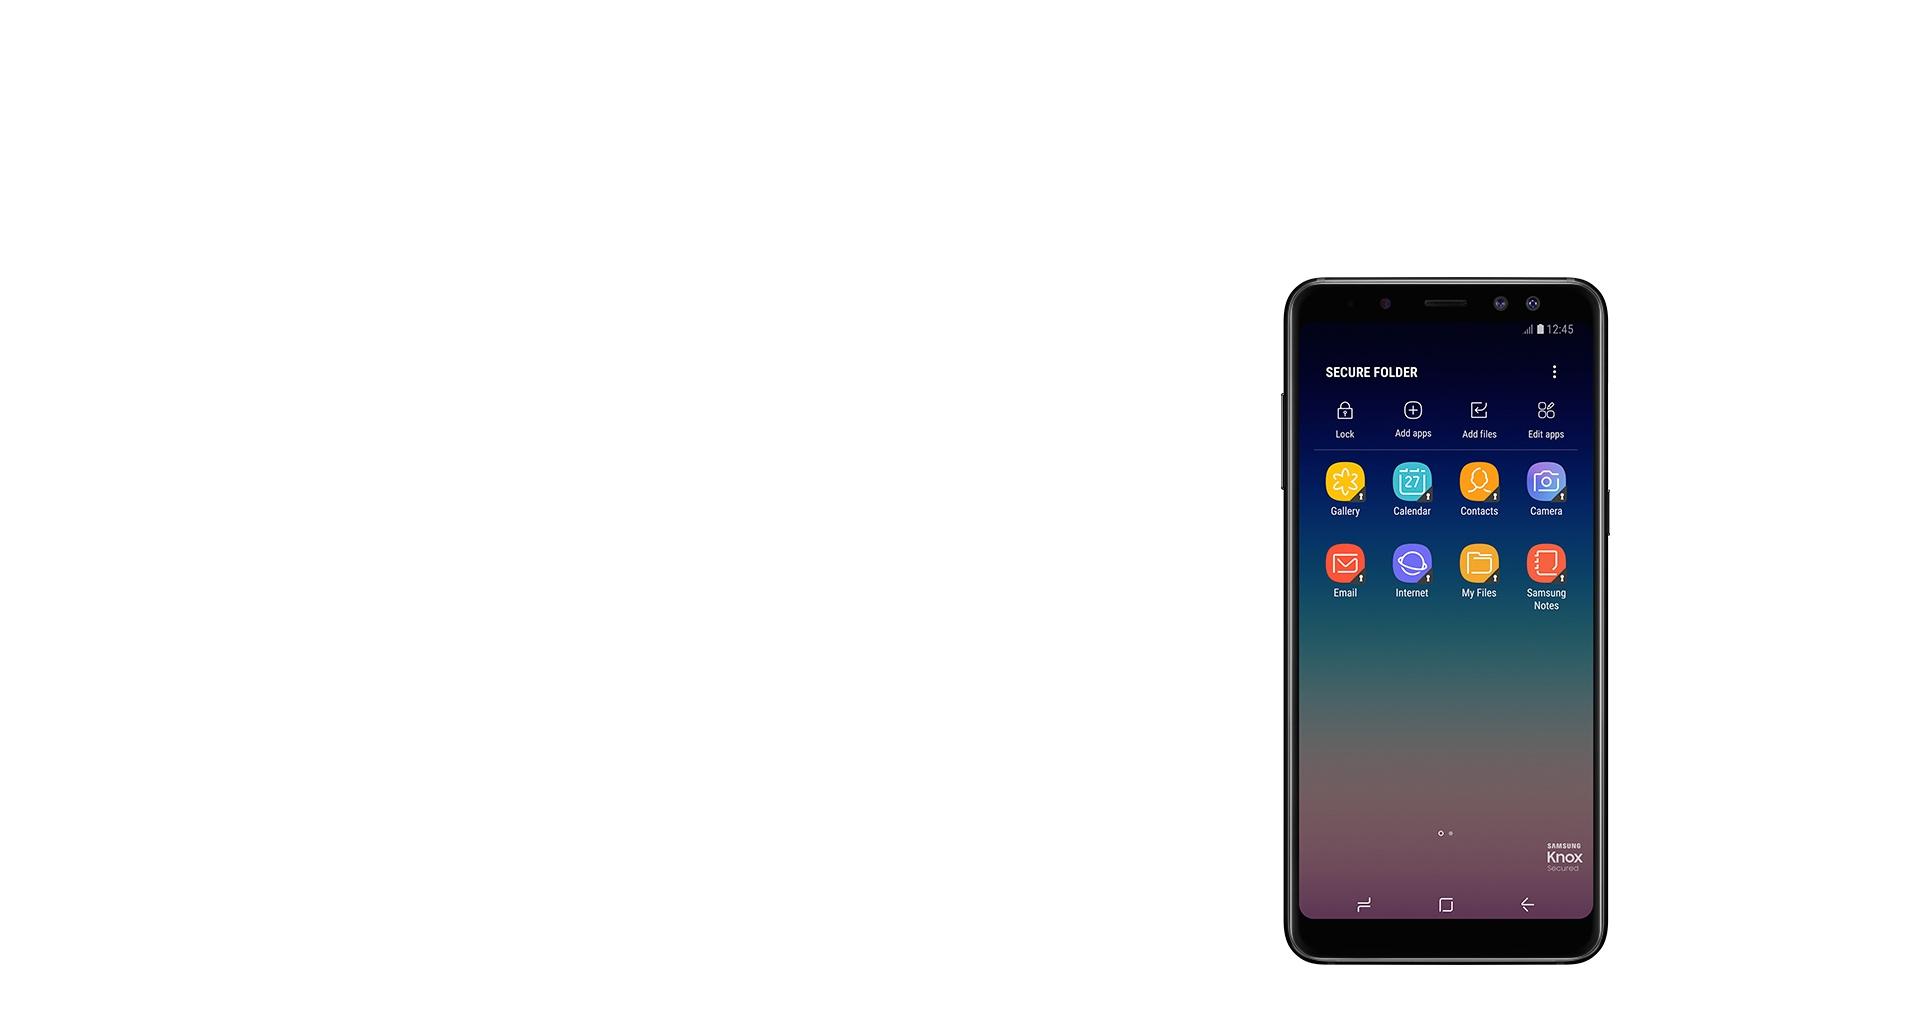 موبایل A8 سامسونگ 2018، حافظ اطلاعات شما